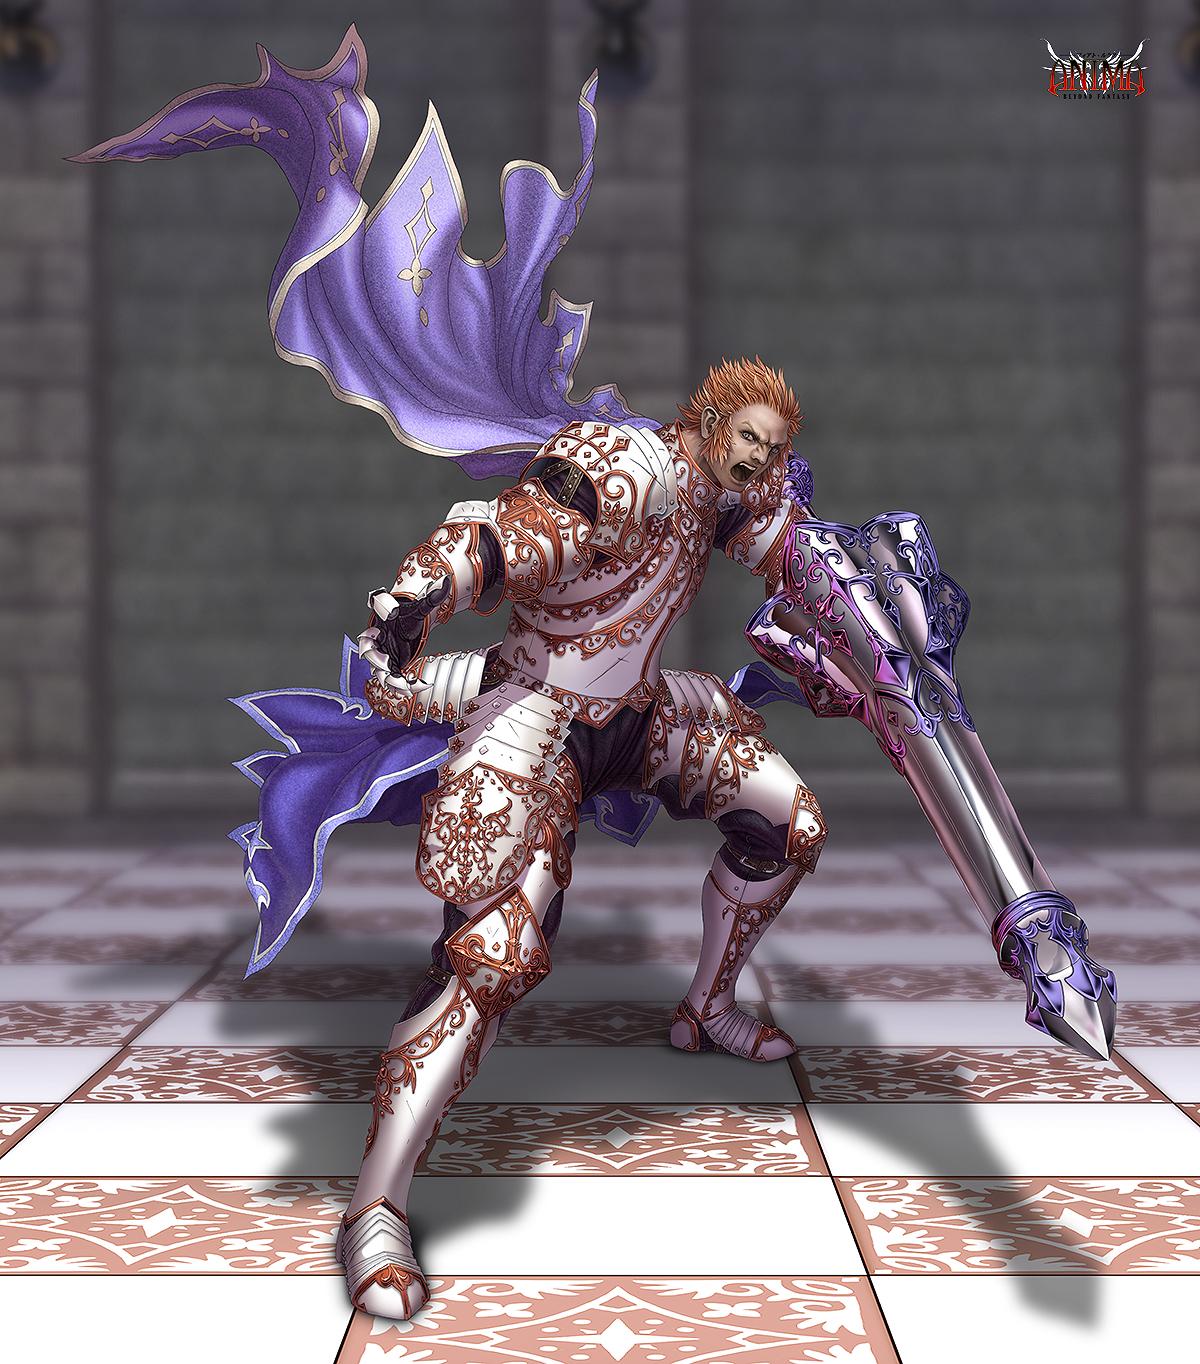 Anima: Fabricio the Holy Knight